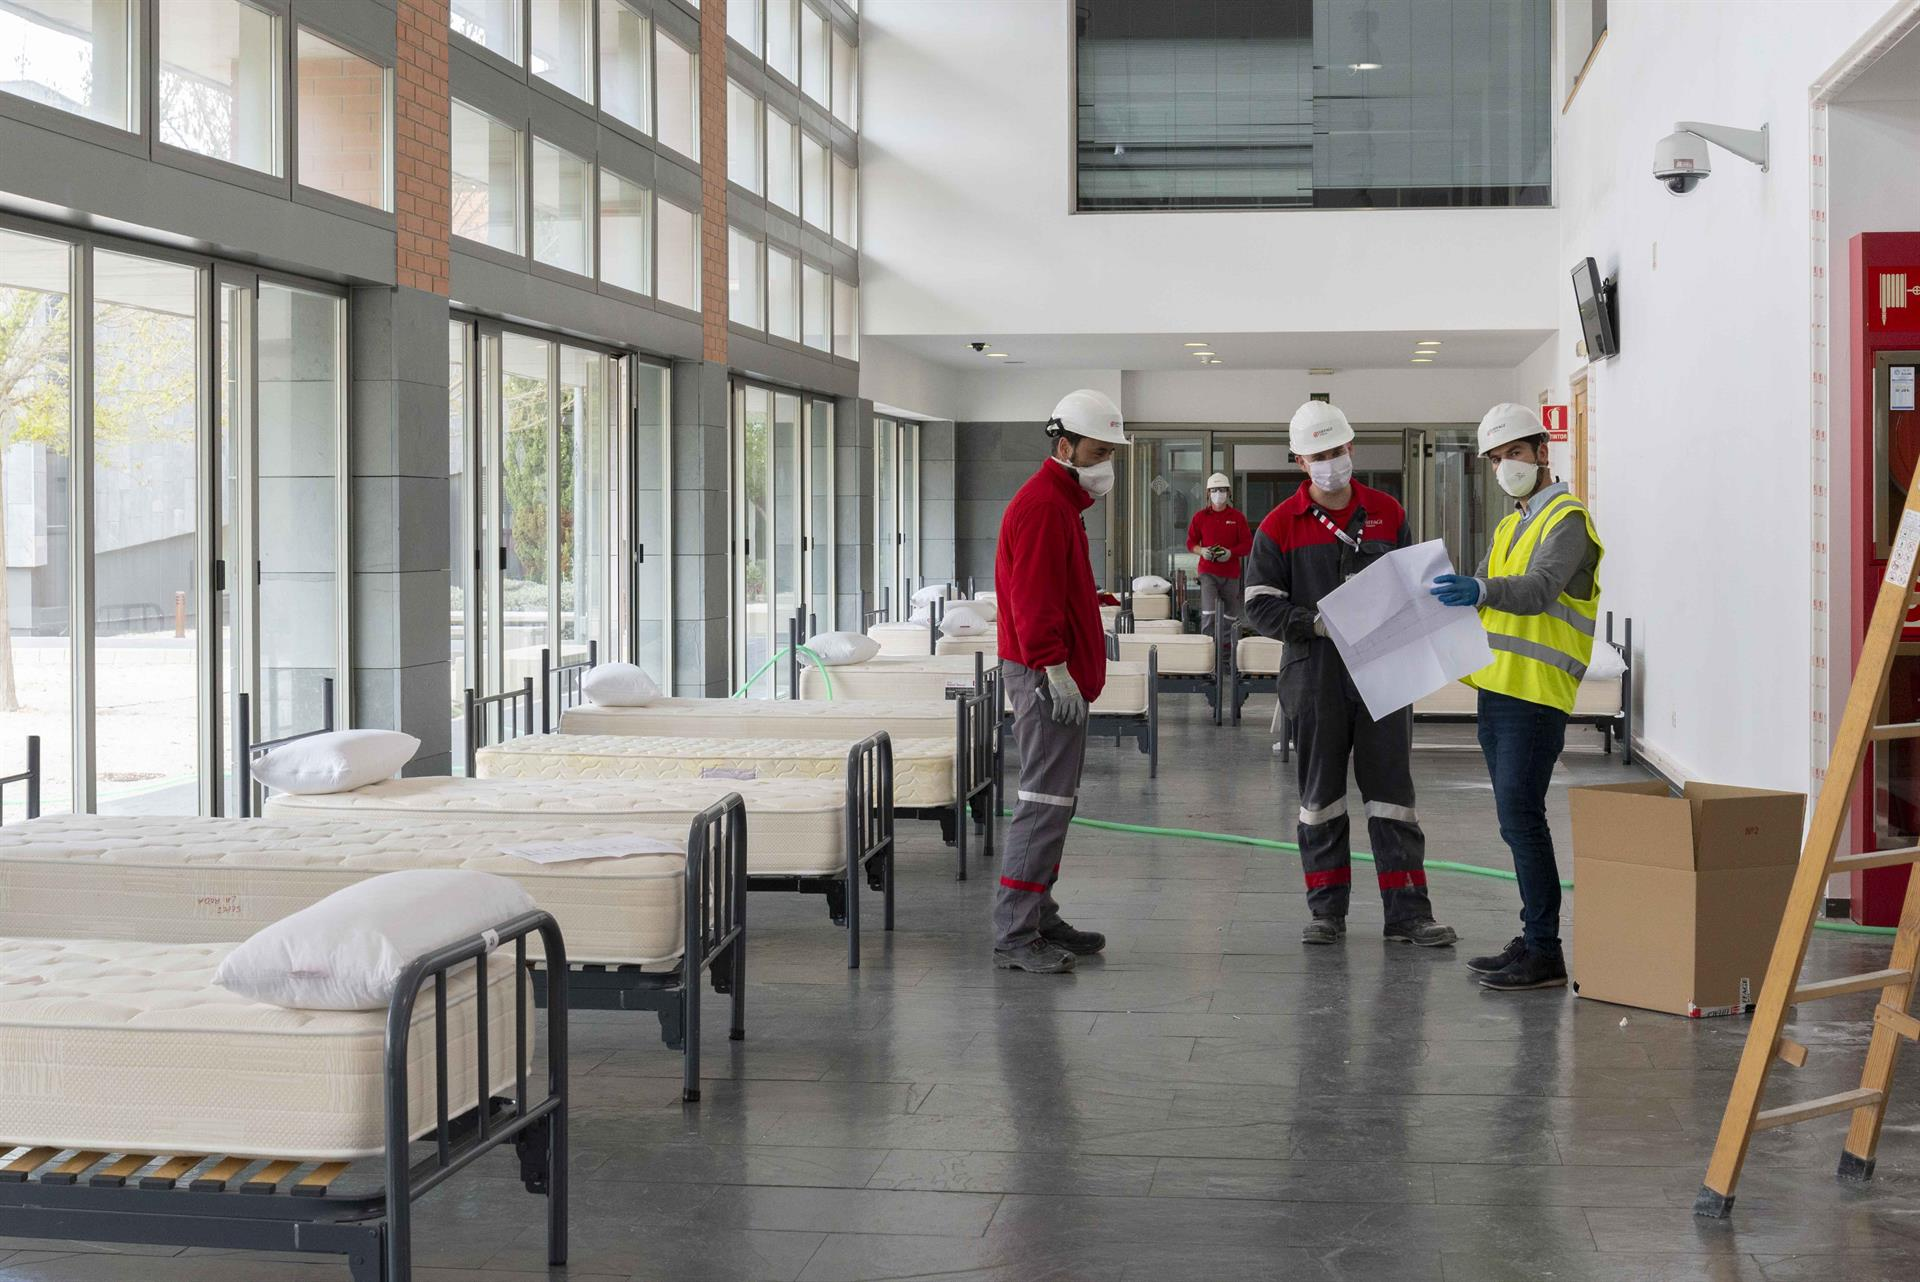 Arrancan las obras del hospital de campaña en Albacete cuyas instalaciones podrían estar esta semana